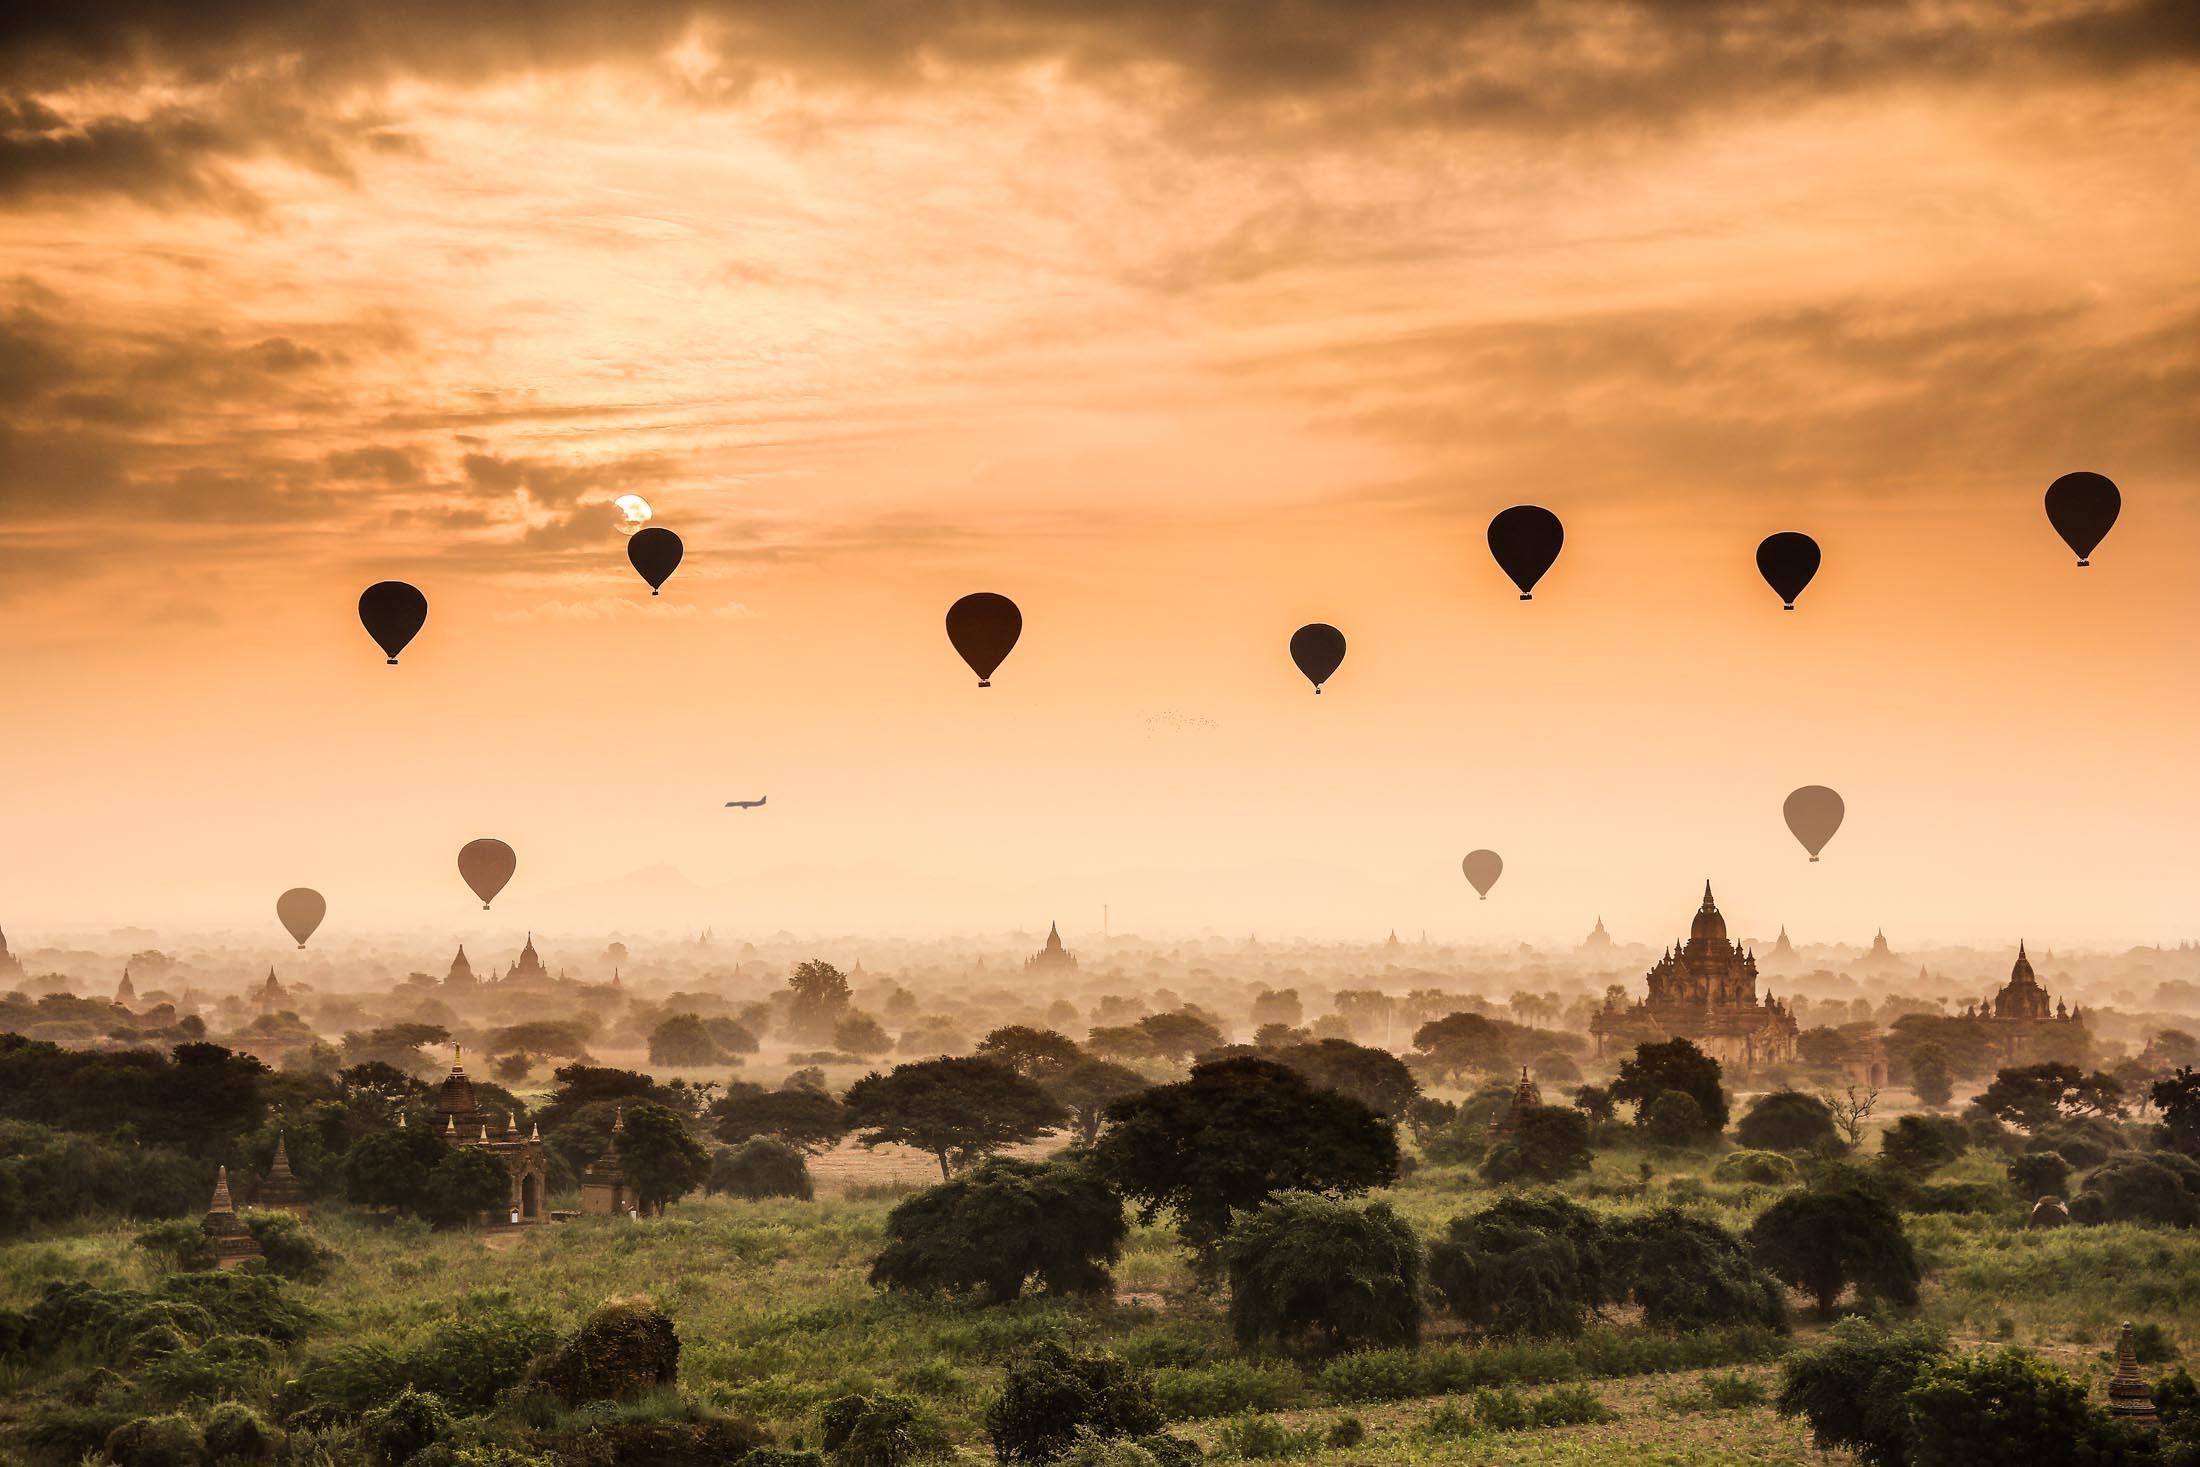 <p>Misty morning in Bagan, Myanmar</p>